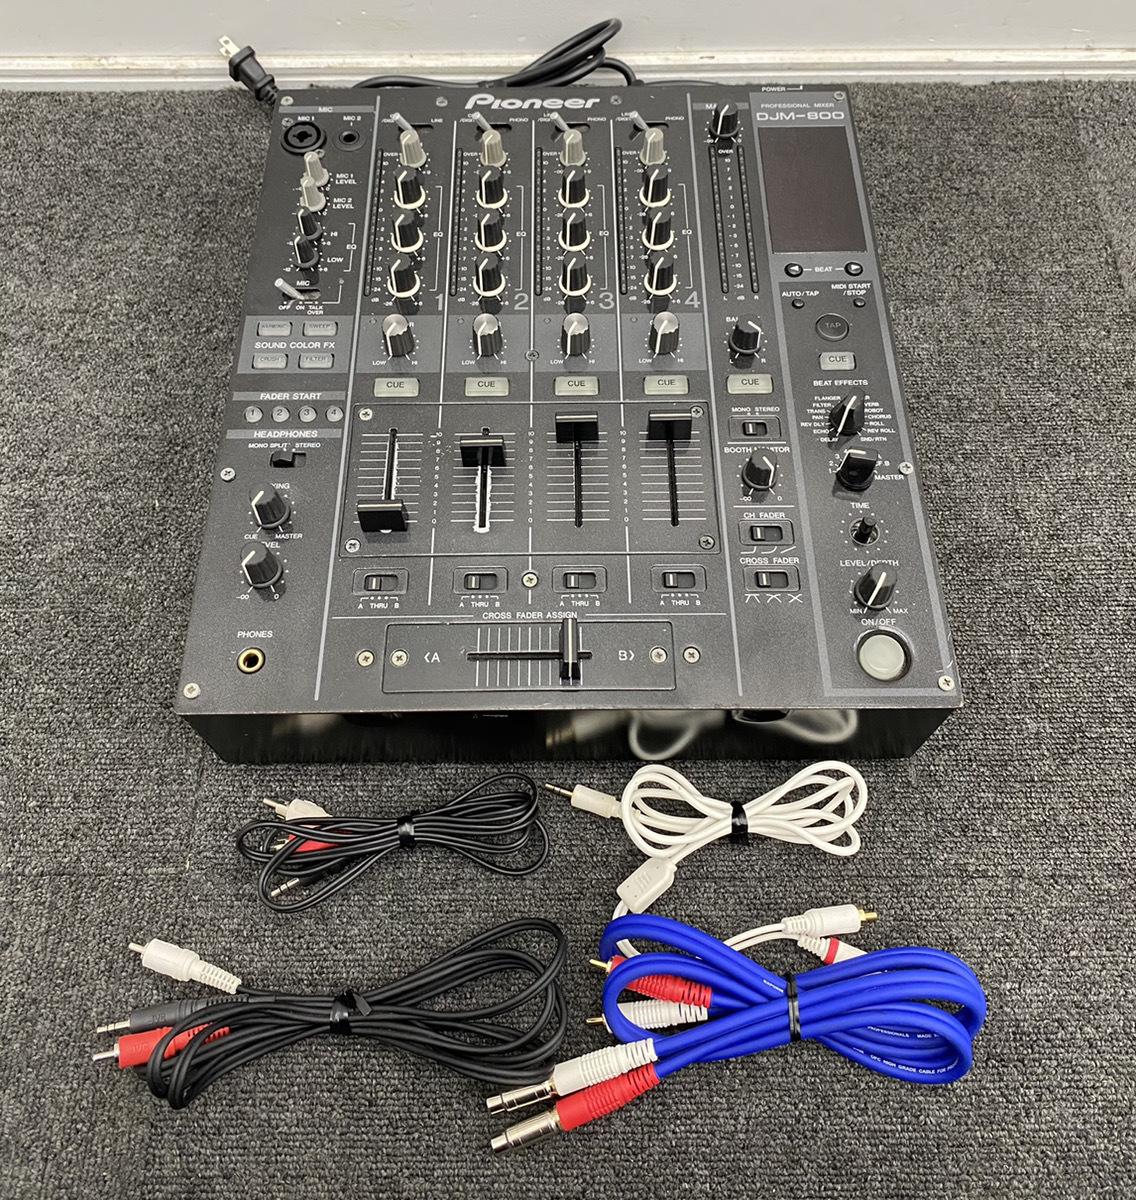 Pioneer パイオニア プロフェッショナルミキサー DJM-800